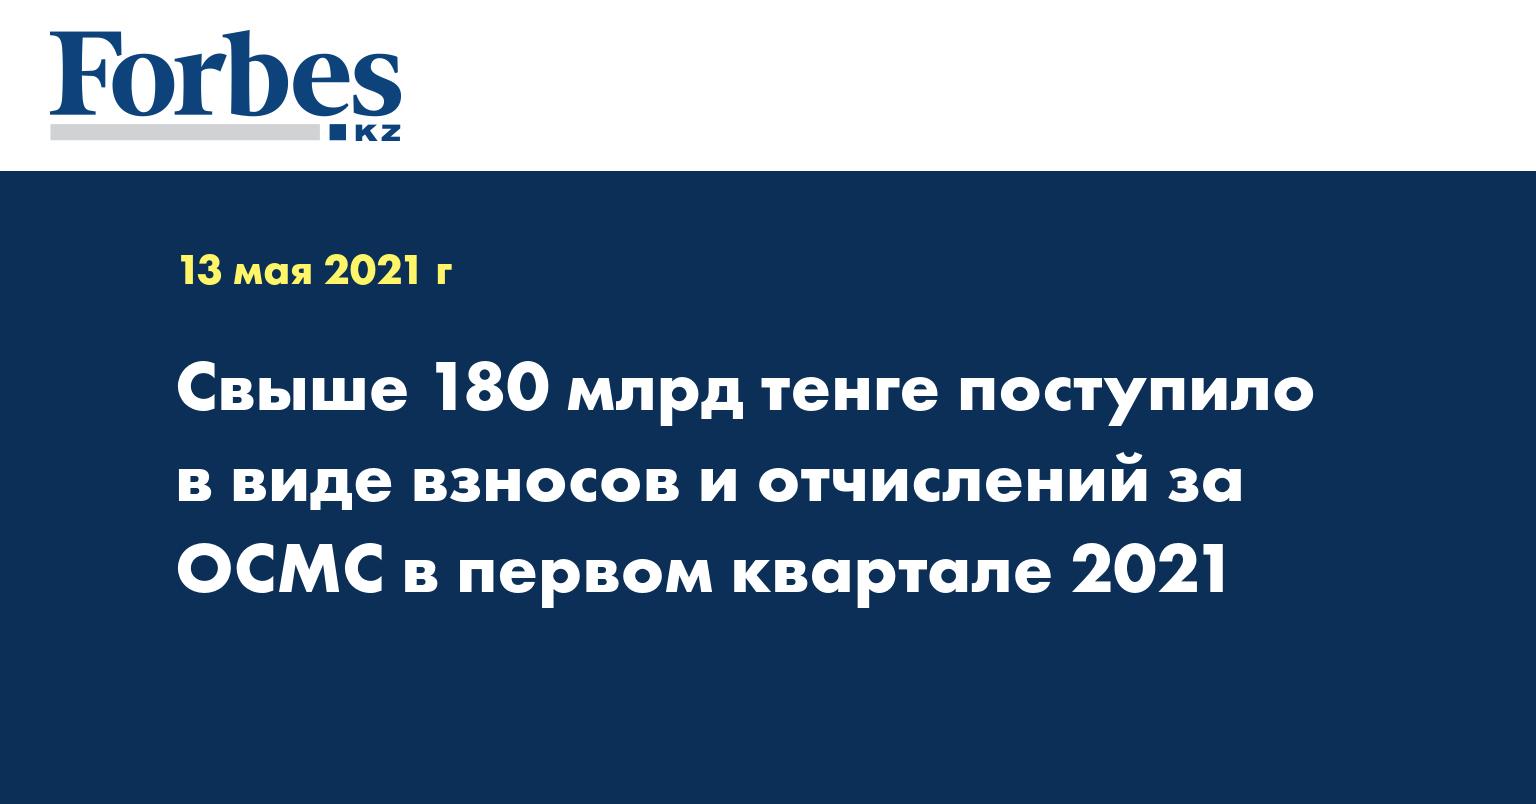 Свыше 180 млрд тенге поступило в виде взносов и отчислений за ОСМС в первом квартале 2021